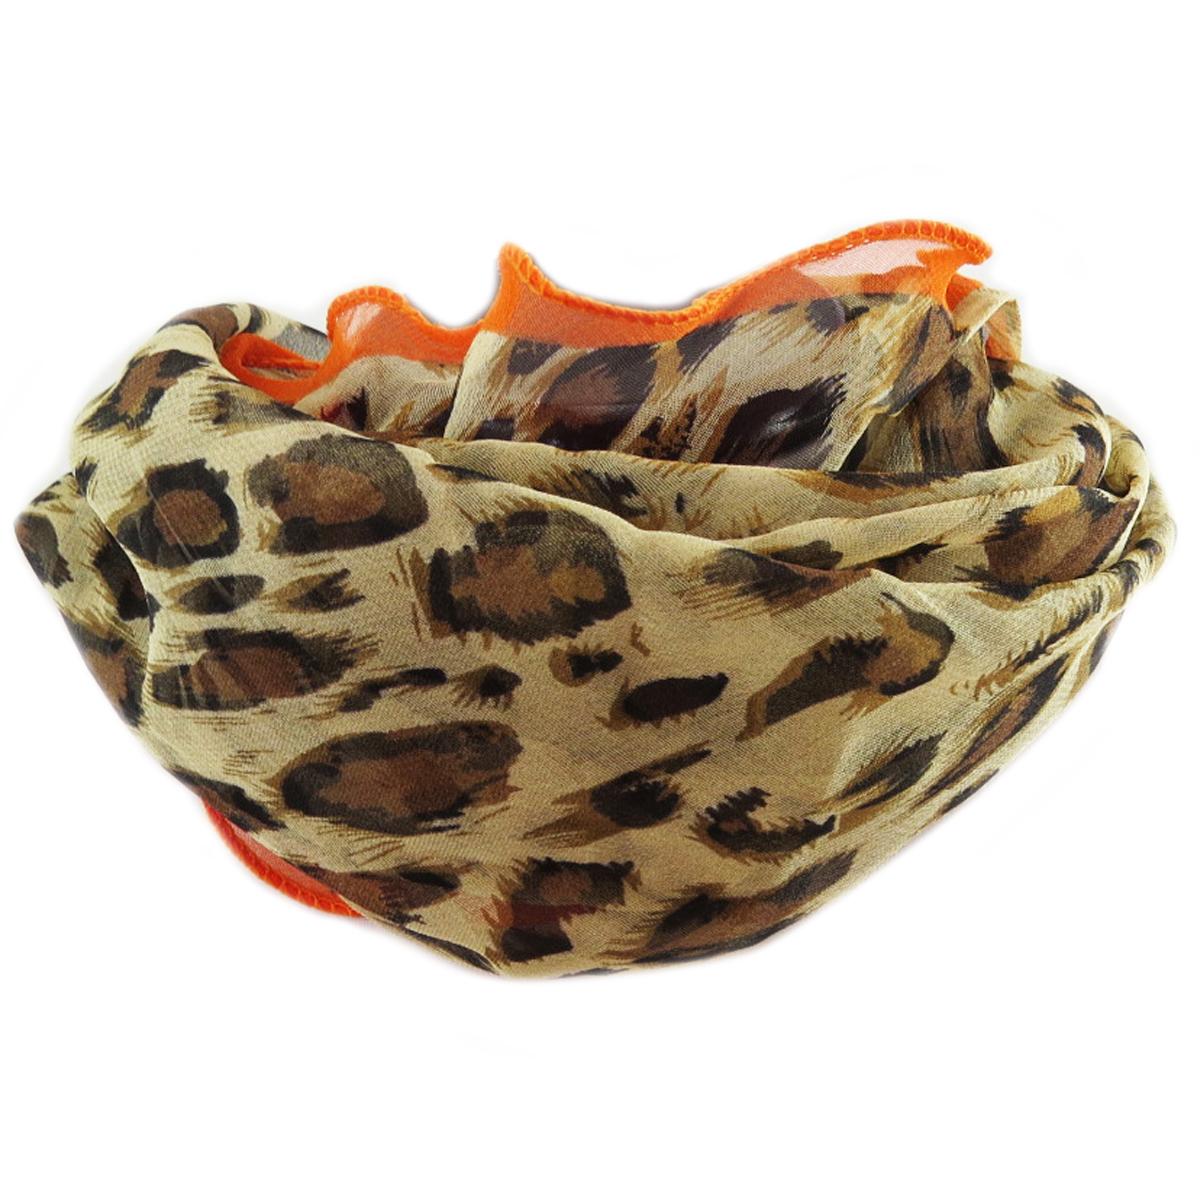 Carré voile \'Scarlett\' marron orange (léopard) - 75x75 cm - [Q5343]